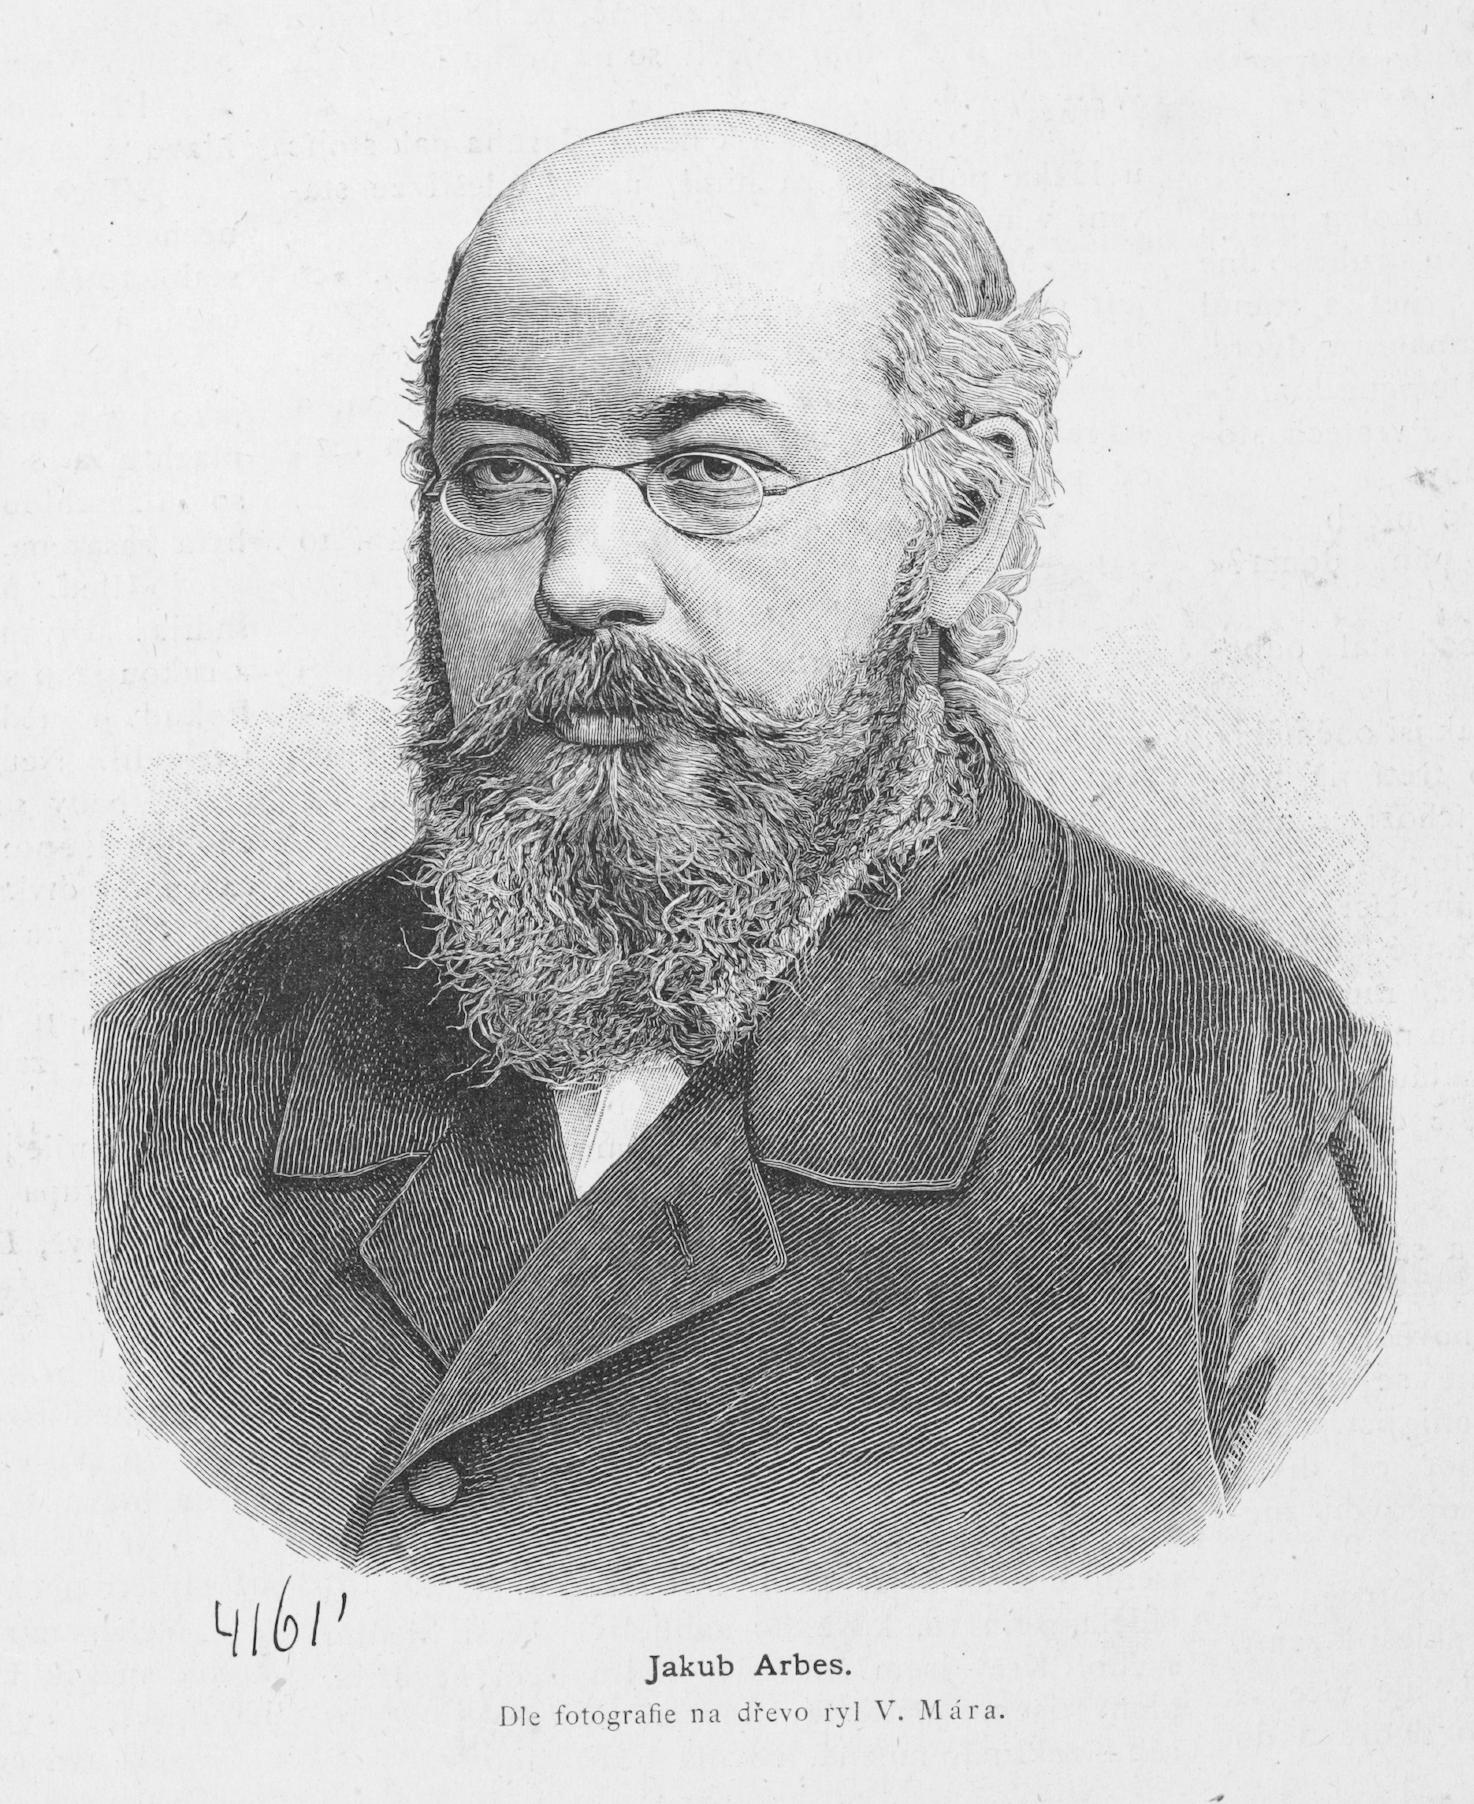 Jakub Arbes (1884)